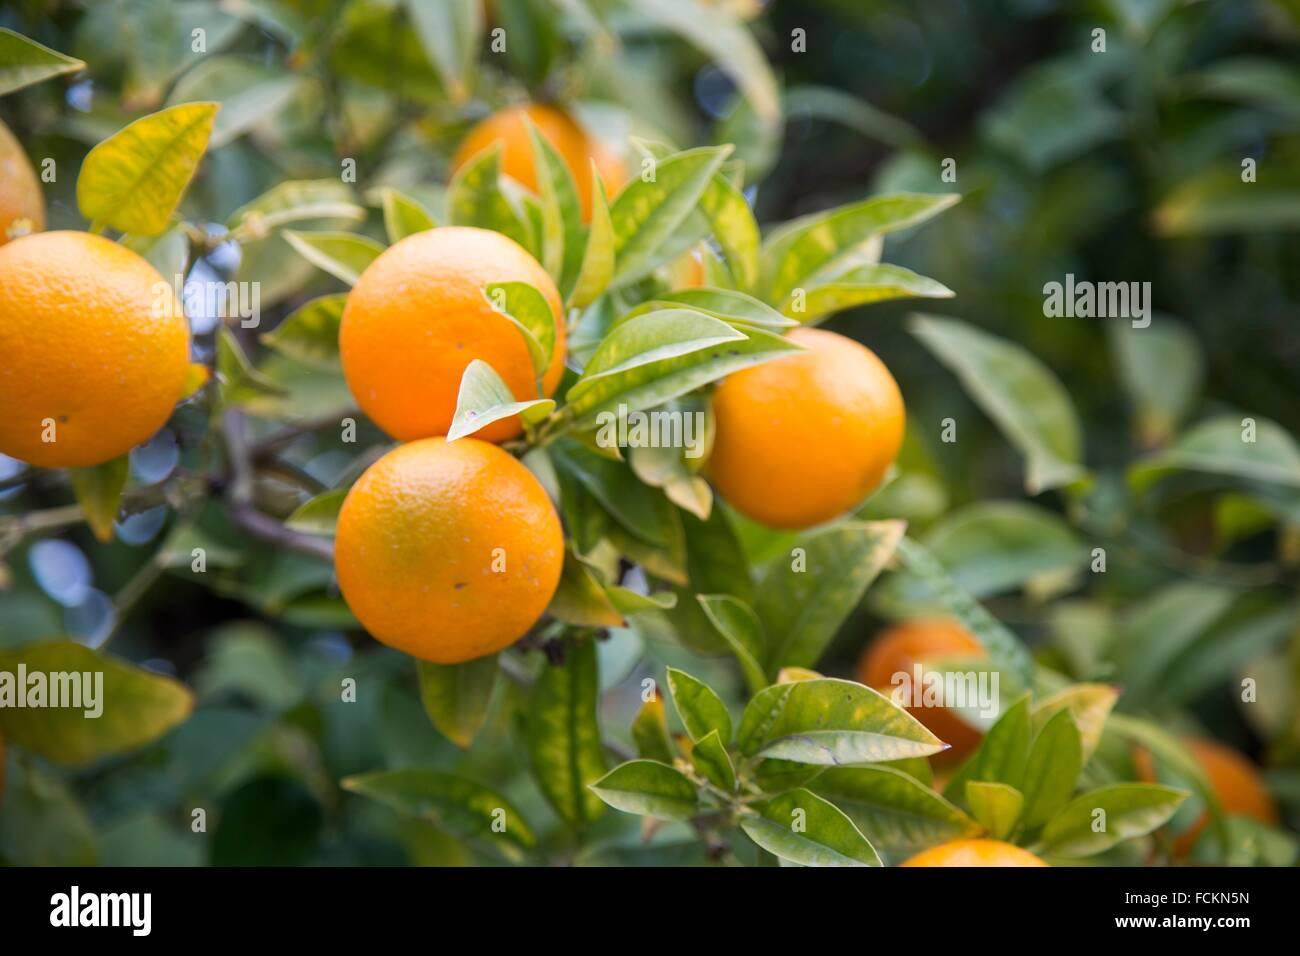 Oranges on the tree. Stock Photo